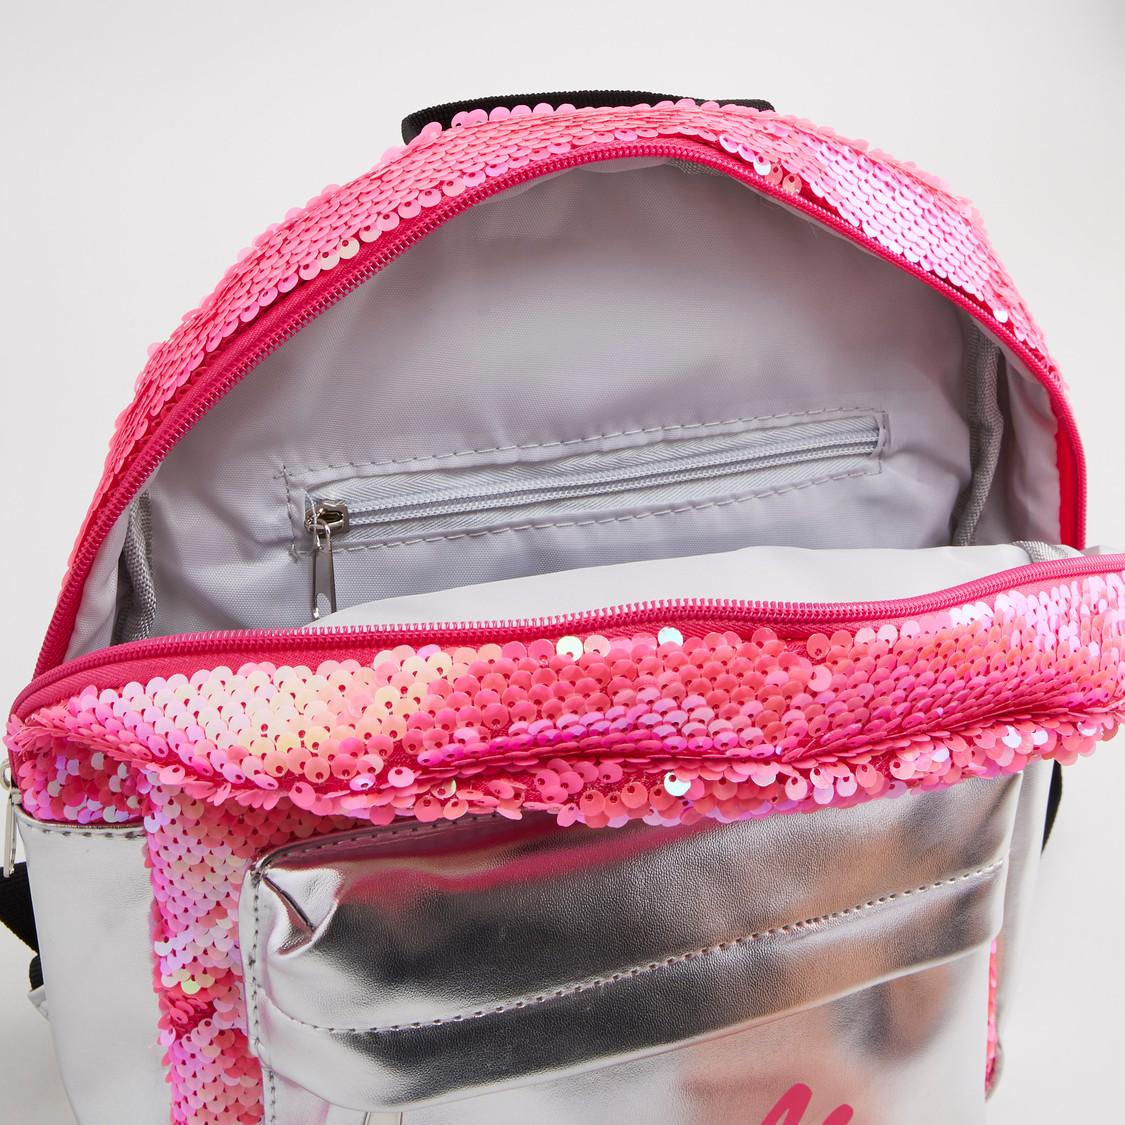 حقيبة ظهر بسحاب إغلاق وحمالات كتف قابلة للتعديل مع تفاصيل ترتر